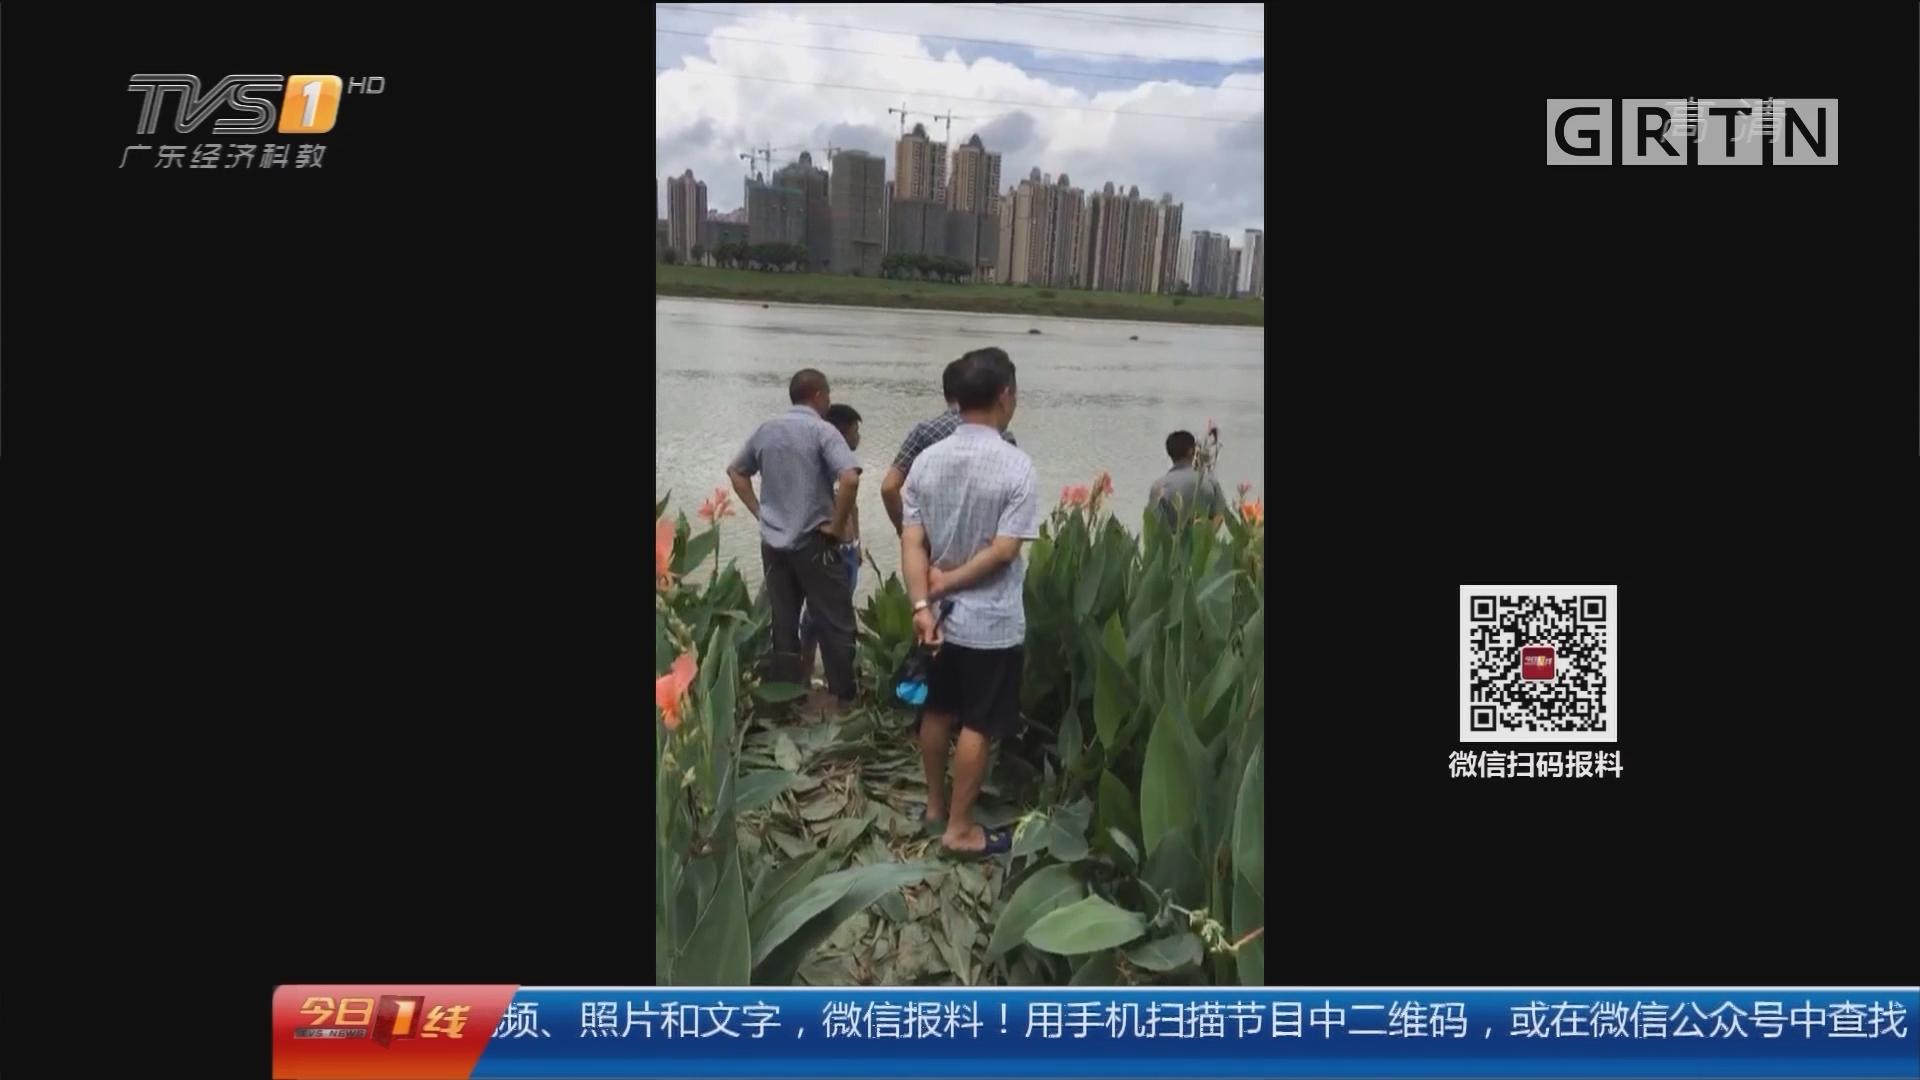 惠州惠城:江边照相不慎溺水 民警街坊齐救援